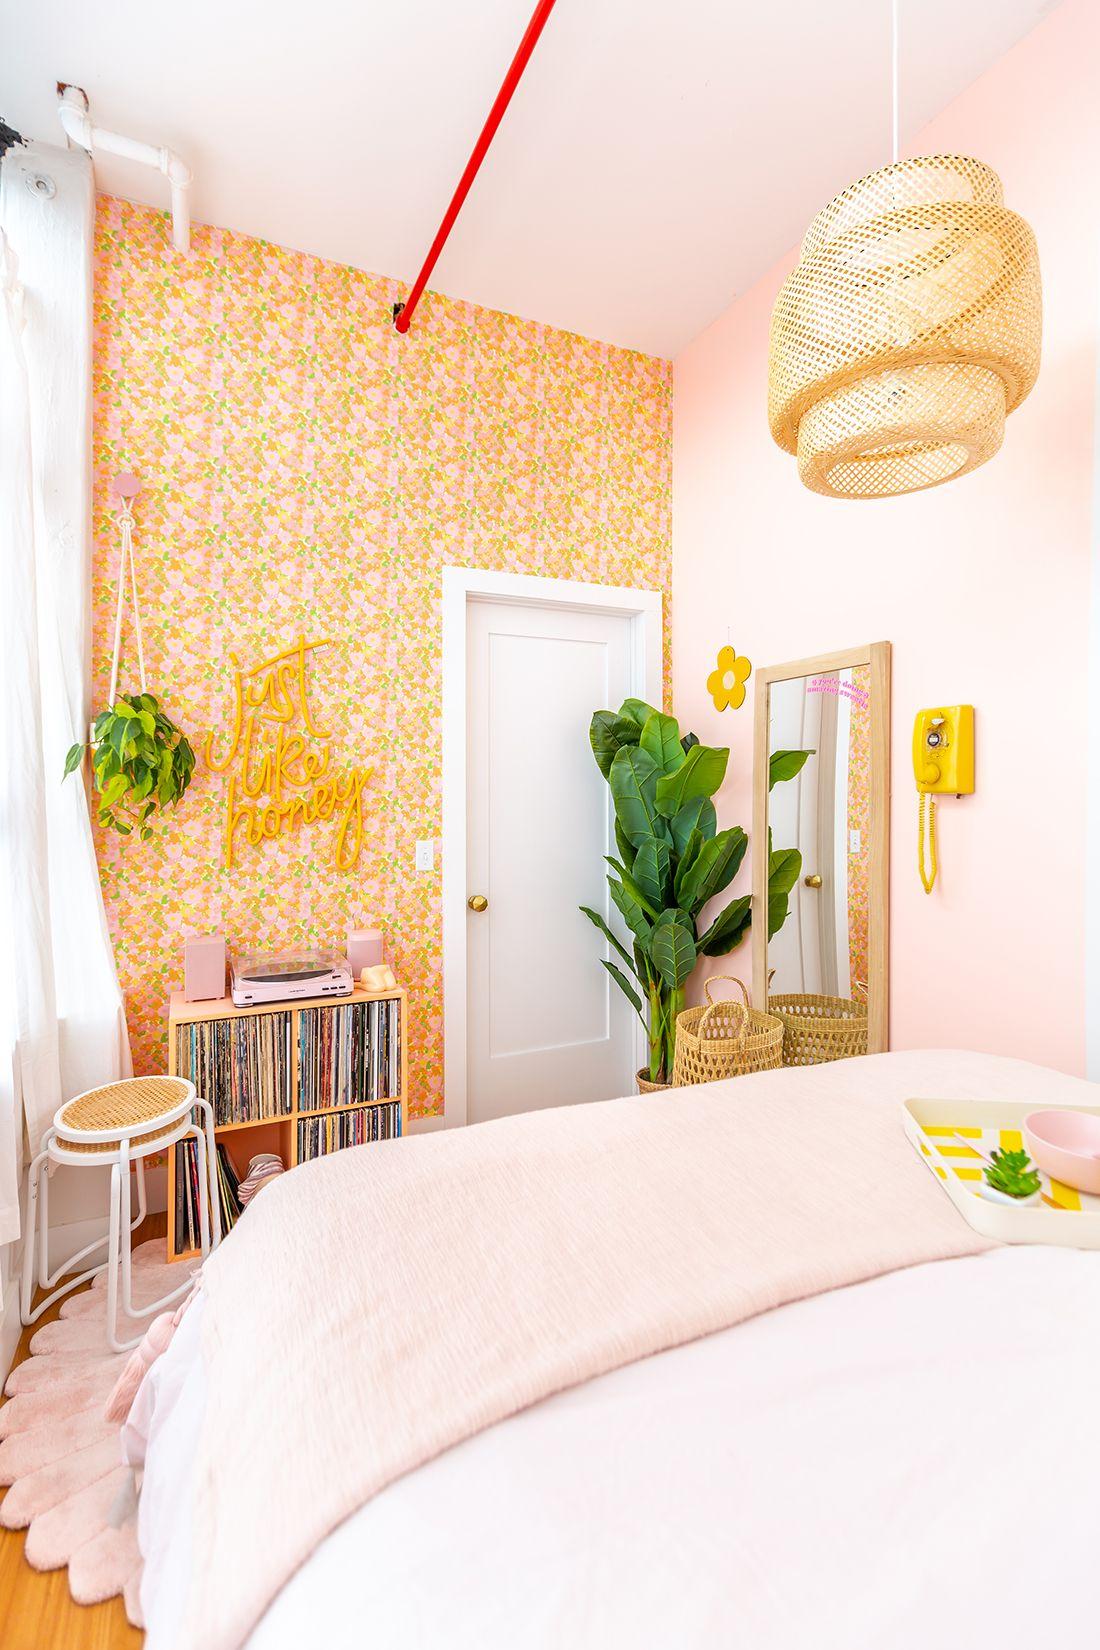 #Awwpartment: Retro Bedroom Reveal! | Retro bedrooms ...